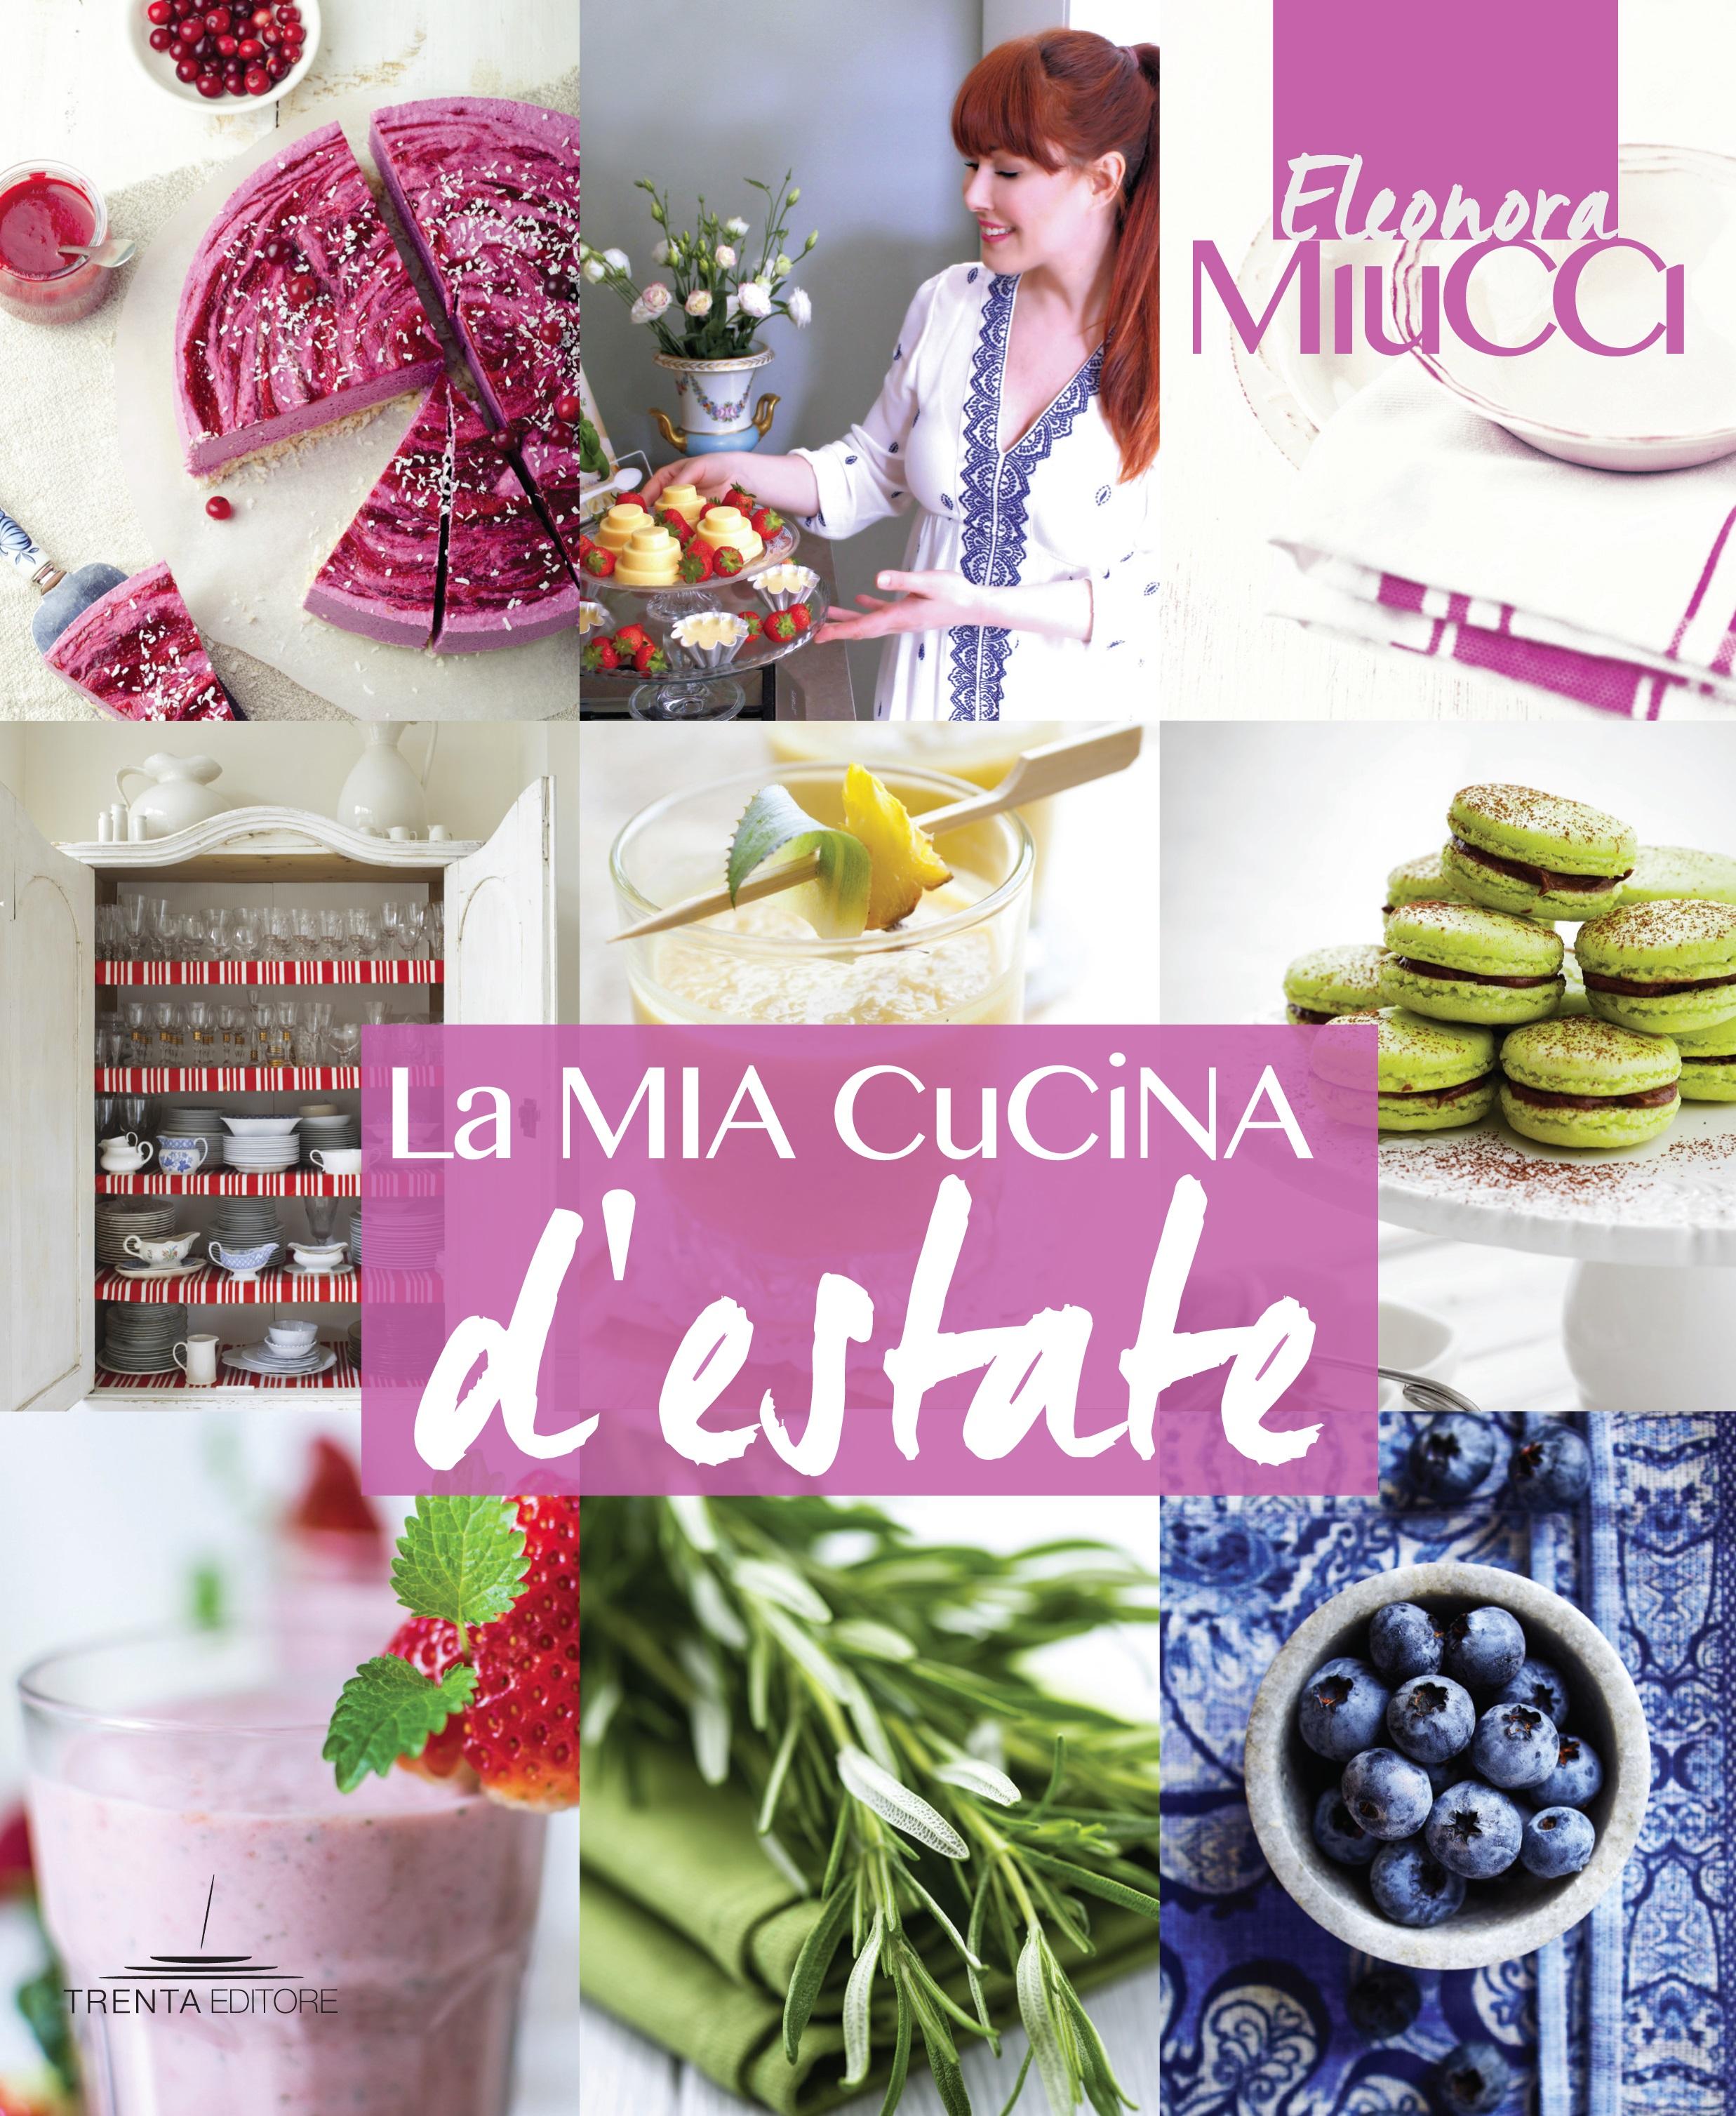 E Uscito Il Nuovo Libro Di Eleonora Miucci La Mia Cucina D Estate